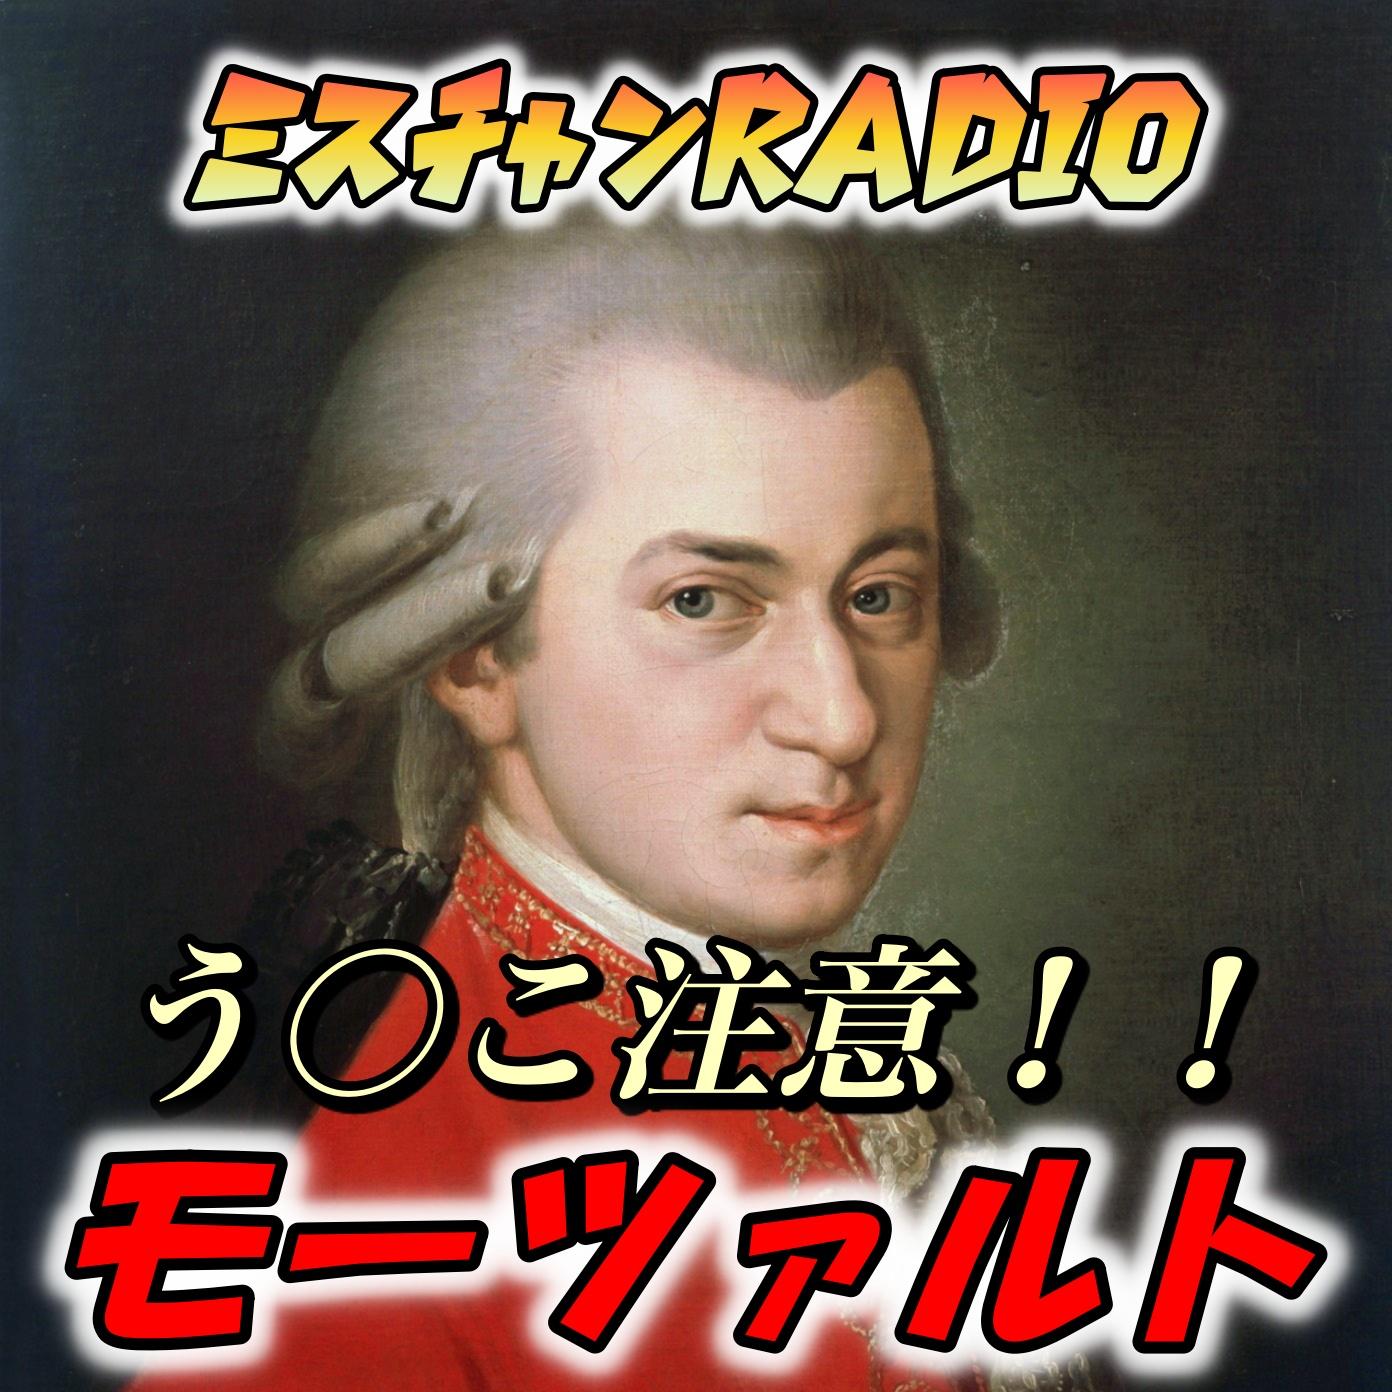 【第4回】天才音楽家モーツァルト!下品すぎるウ○コまみれのラブレターの巻